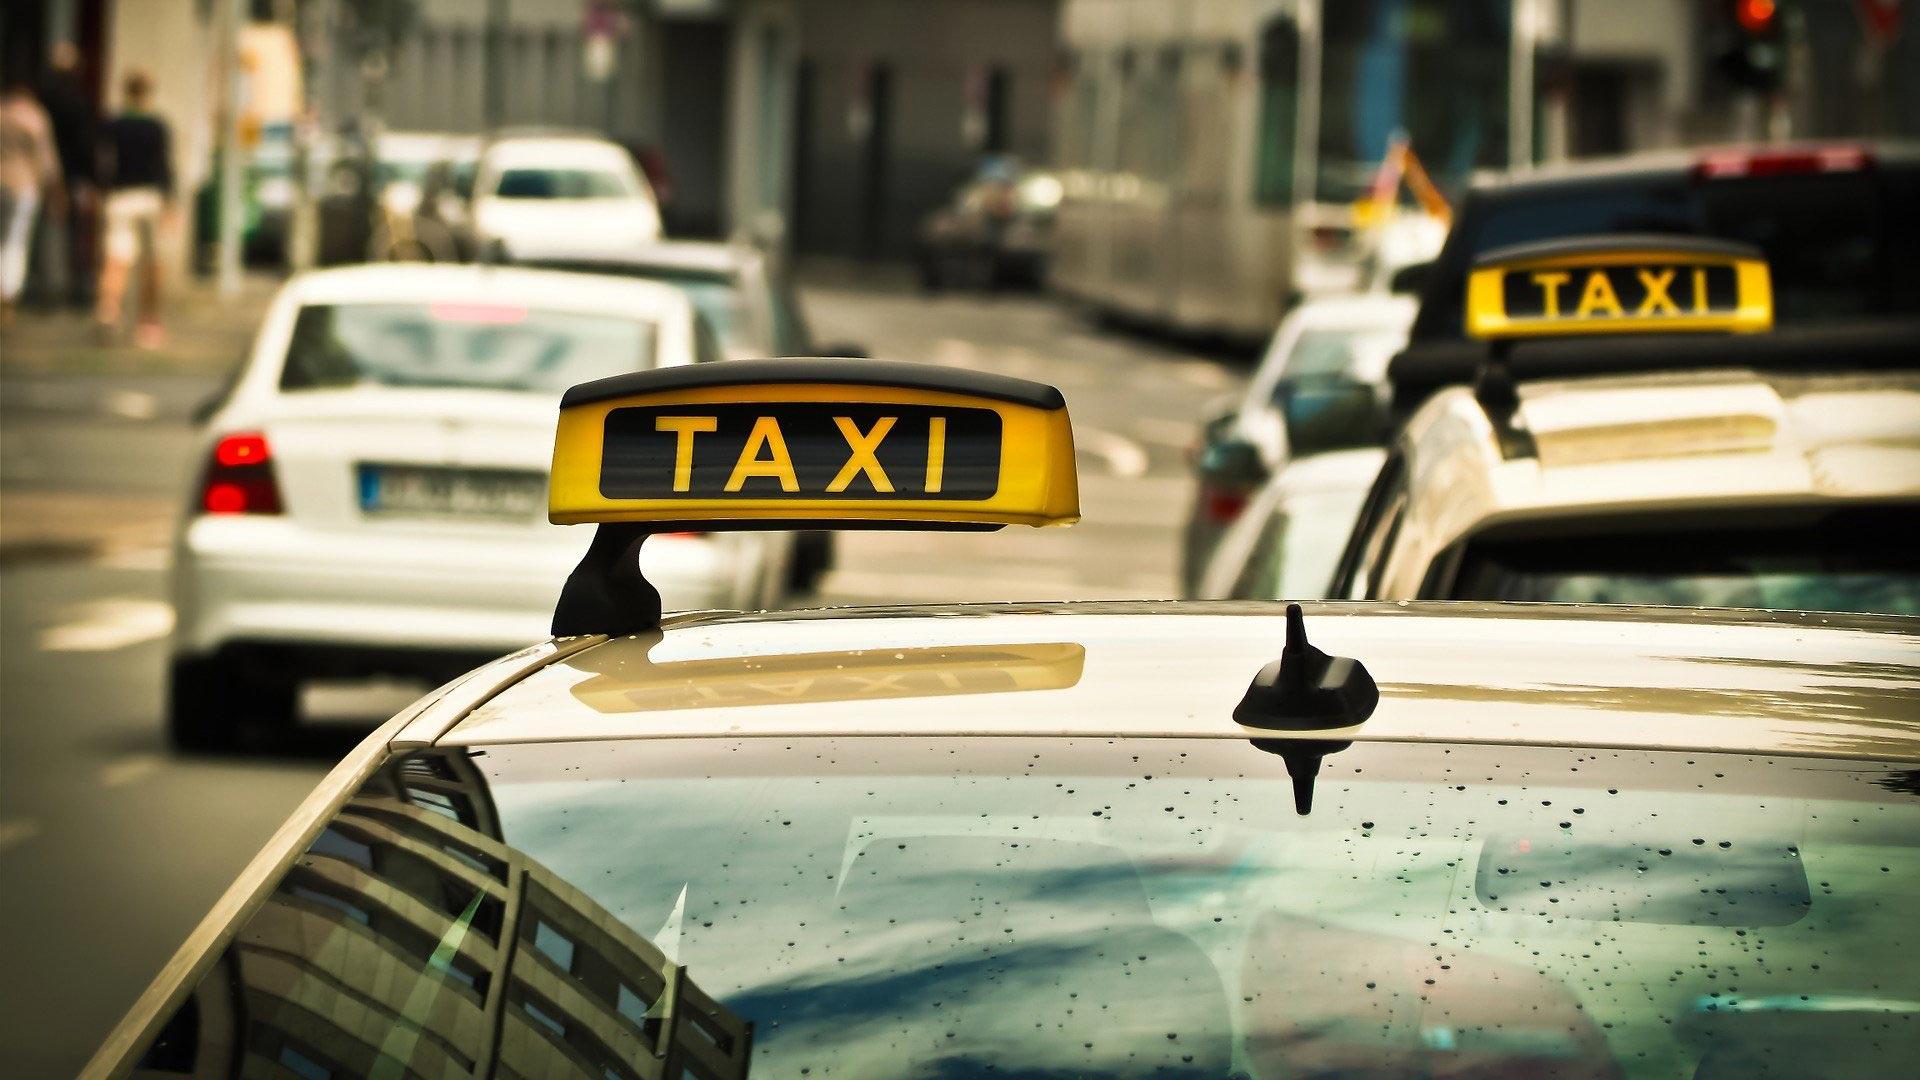 Von Taxi geforderte Mindestpreise treffen die Schwachen in der Gesellschaft!